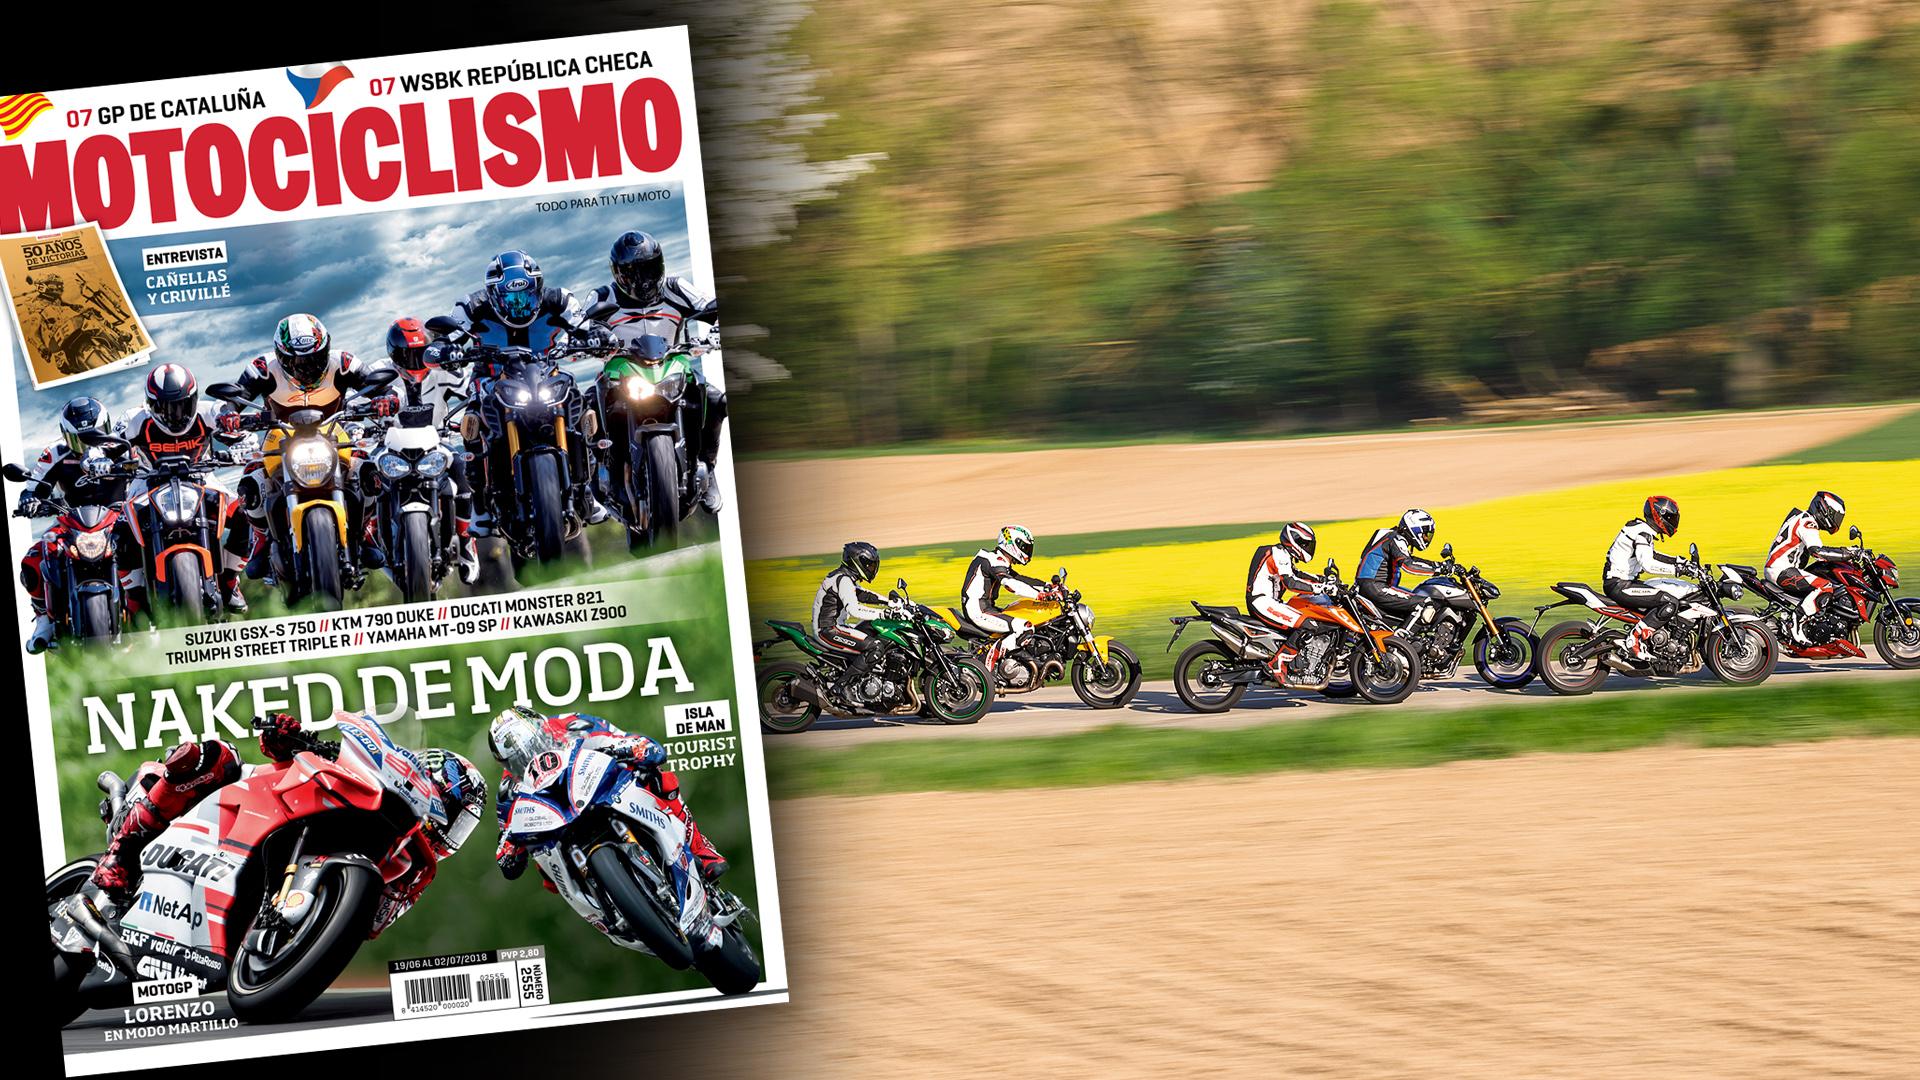 Comparativa Naked medias, el TT y el GP de Cataluña en la portada de MOTOCICLISMO